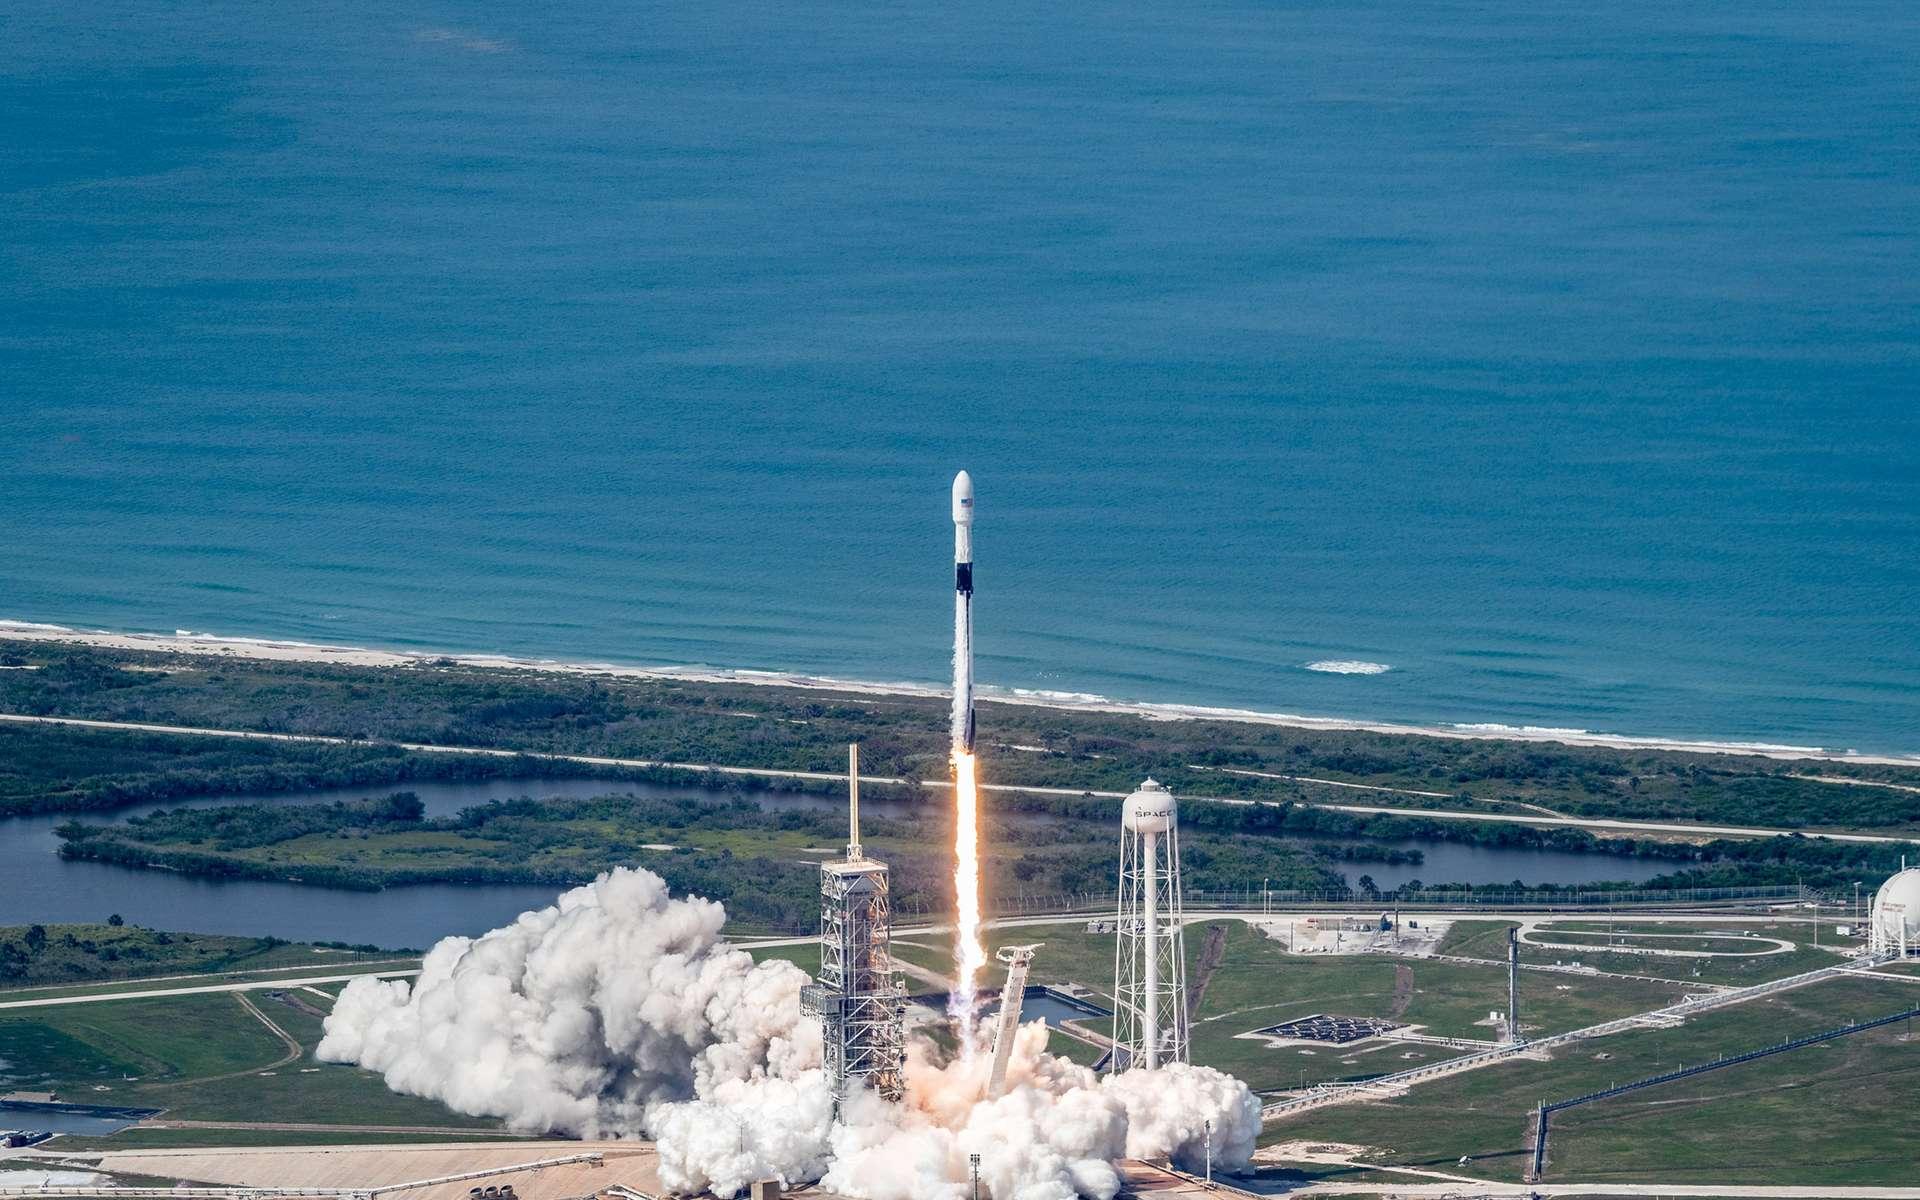 Lancement du satellite Bangabandhu-1, le premier satellite de télécommunications géostationnaire du Bangladesh, par un lanceur Falcon 9. Le lanceur a décollé du pas de tir LC-39A du Centre spatial Kennedy de la Nasa (mai 2018). © SpaceX